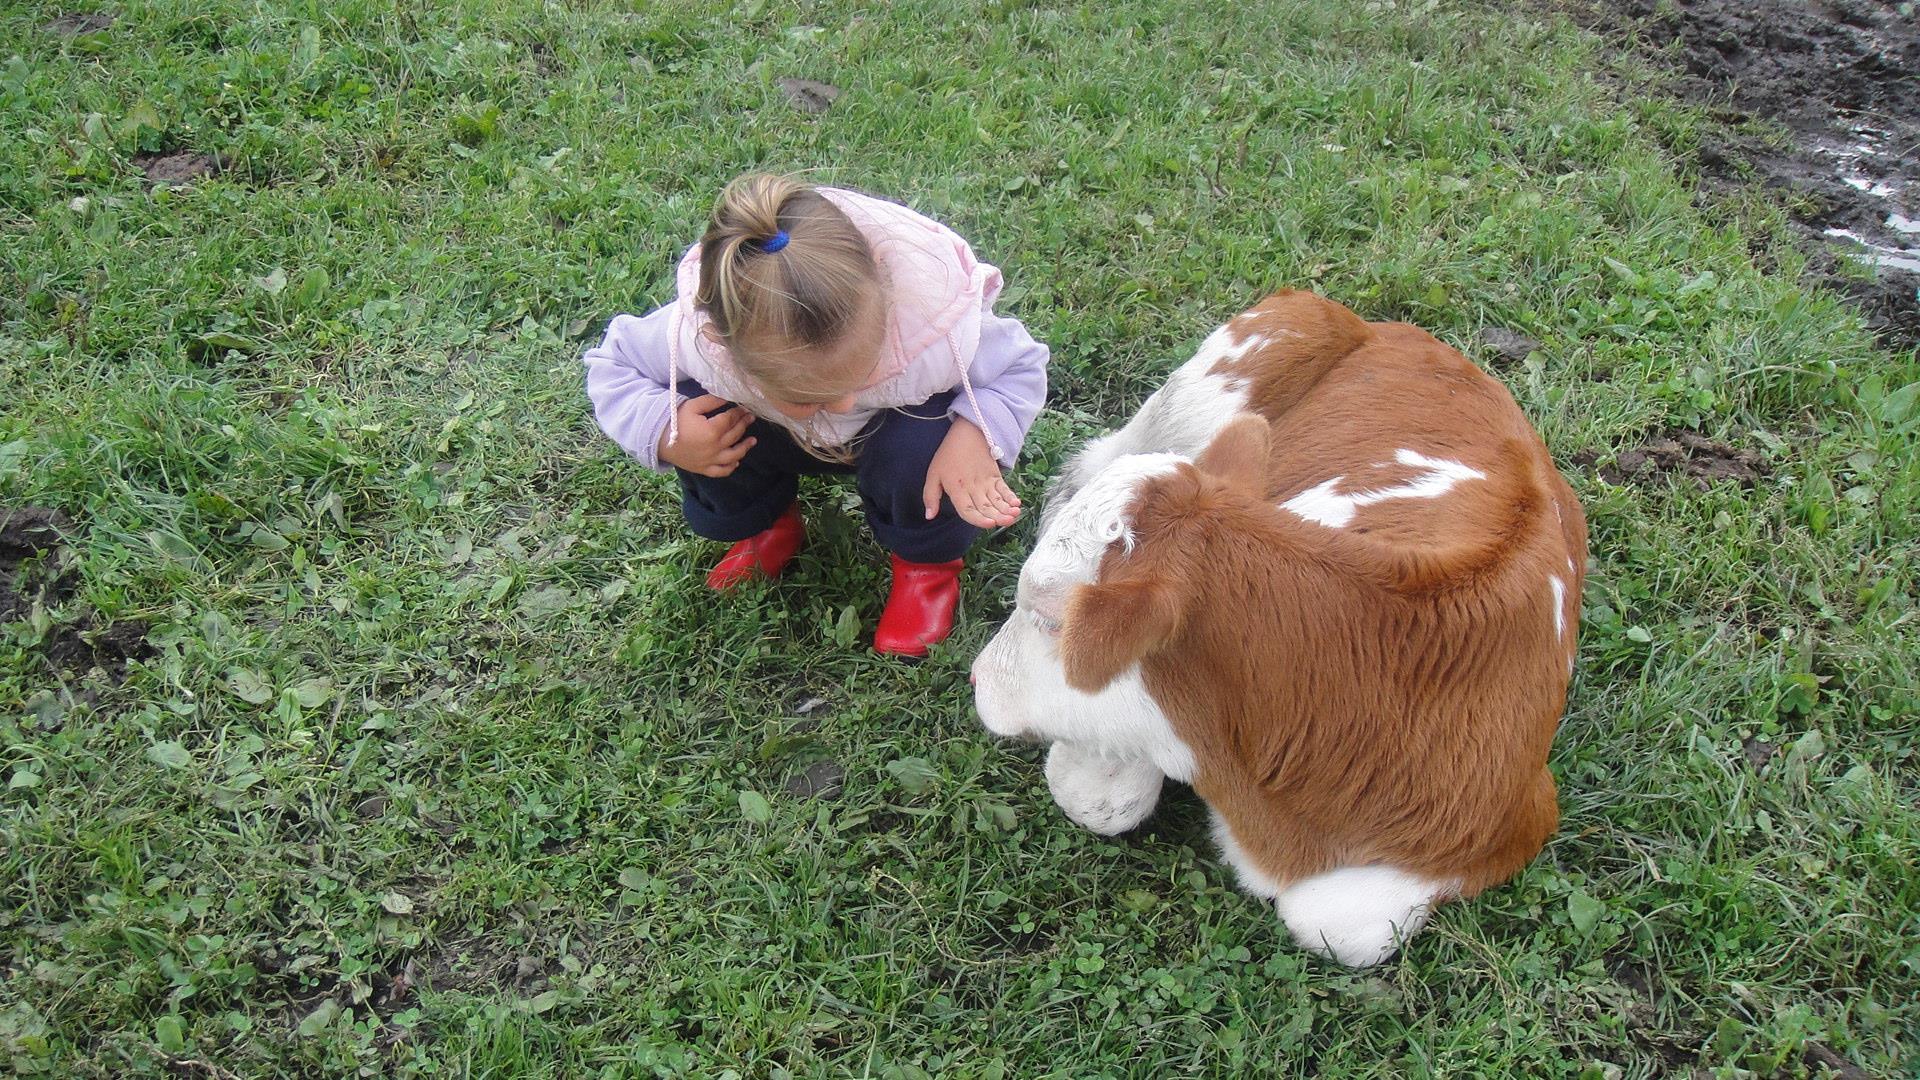 Lena col vitellino